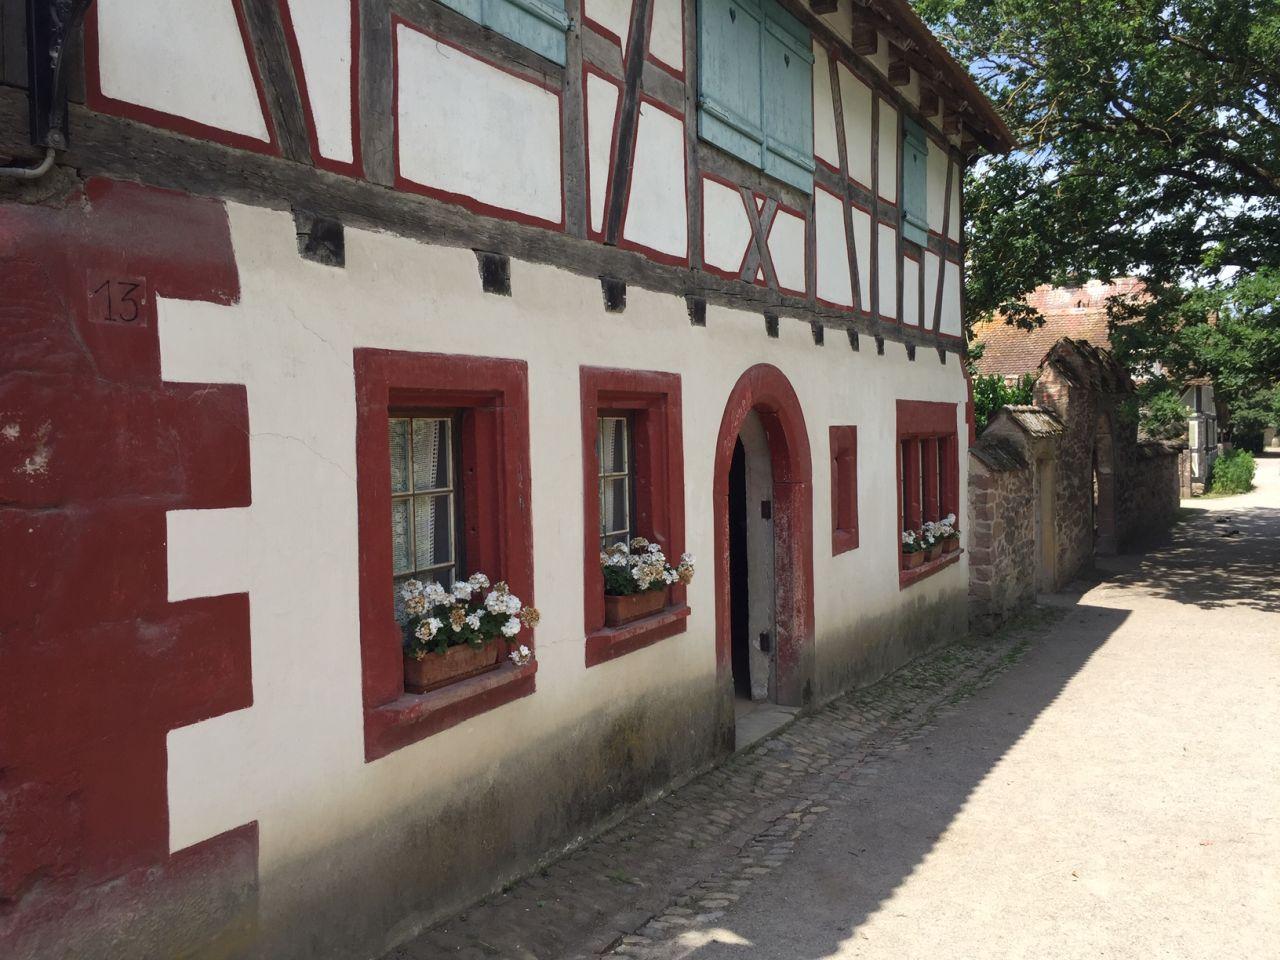 Das unten gemauerte und oben aus Fachwerk bestehende Gehoeft von Rumersheim steht im Écomusée d'Alsace.